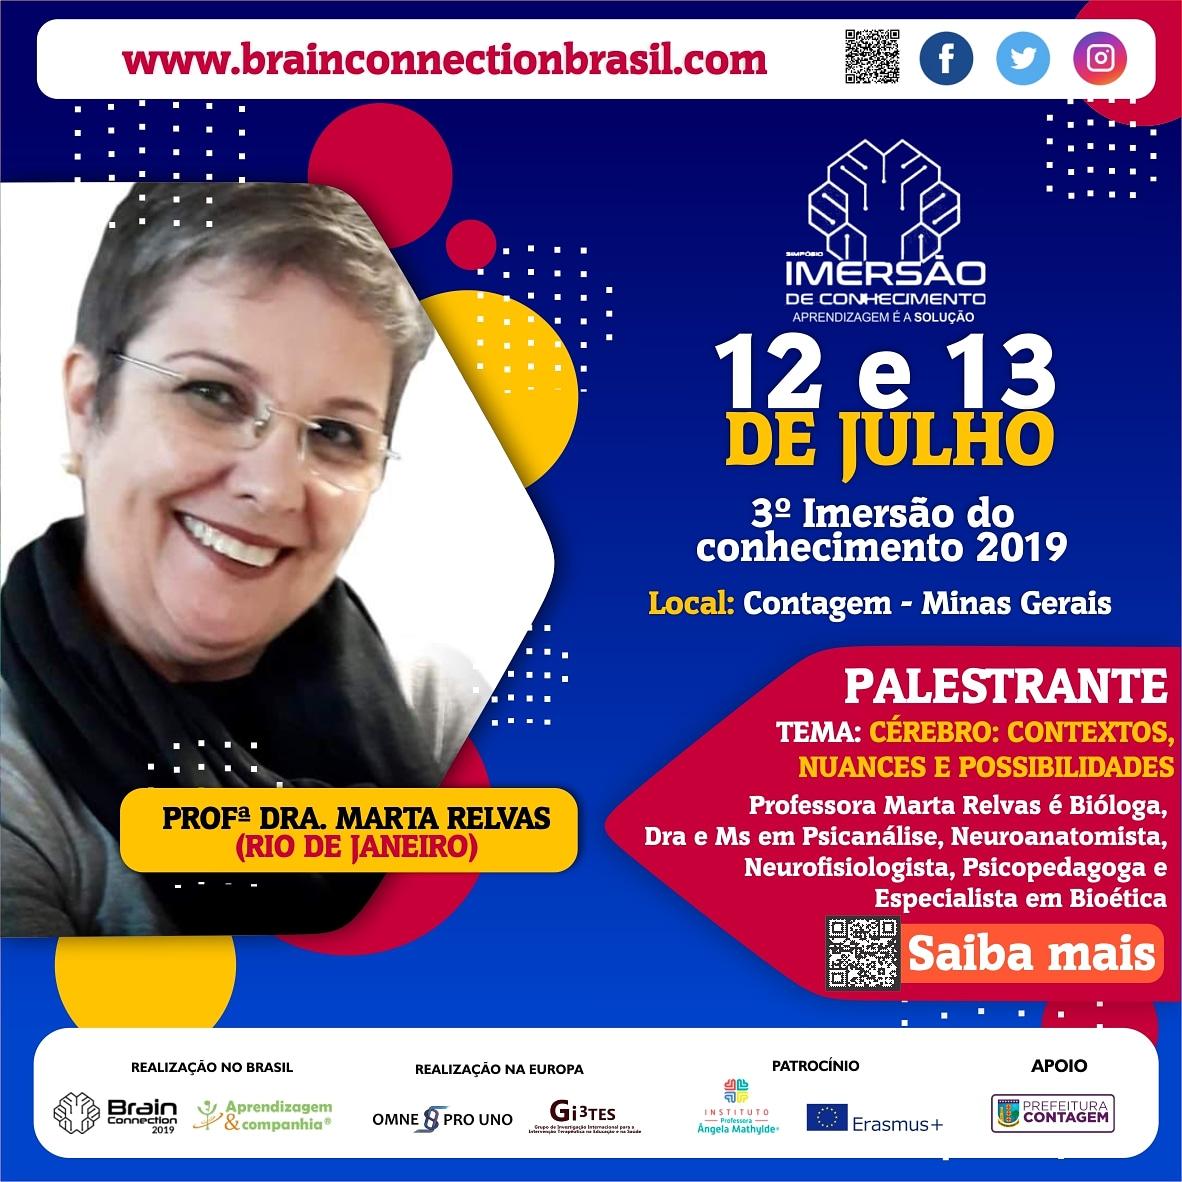 Brain Connection Brasil